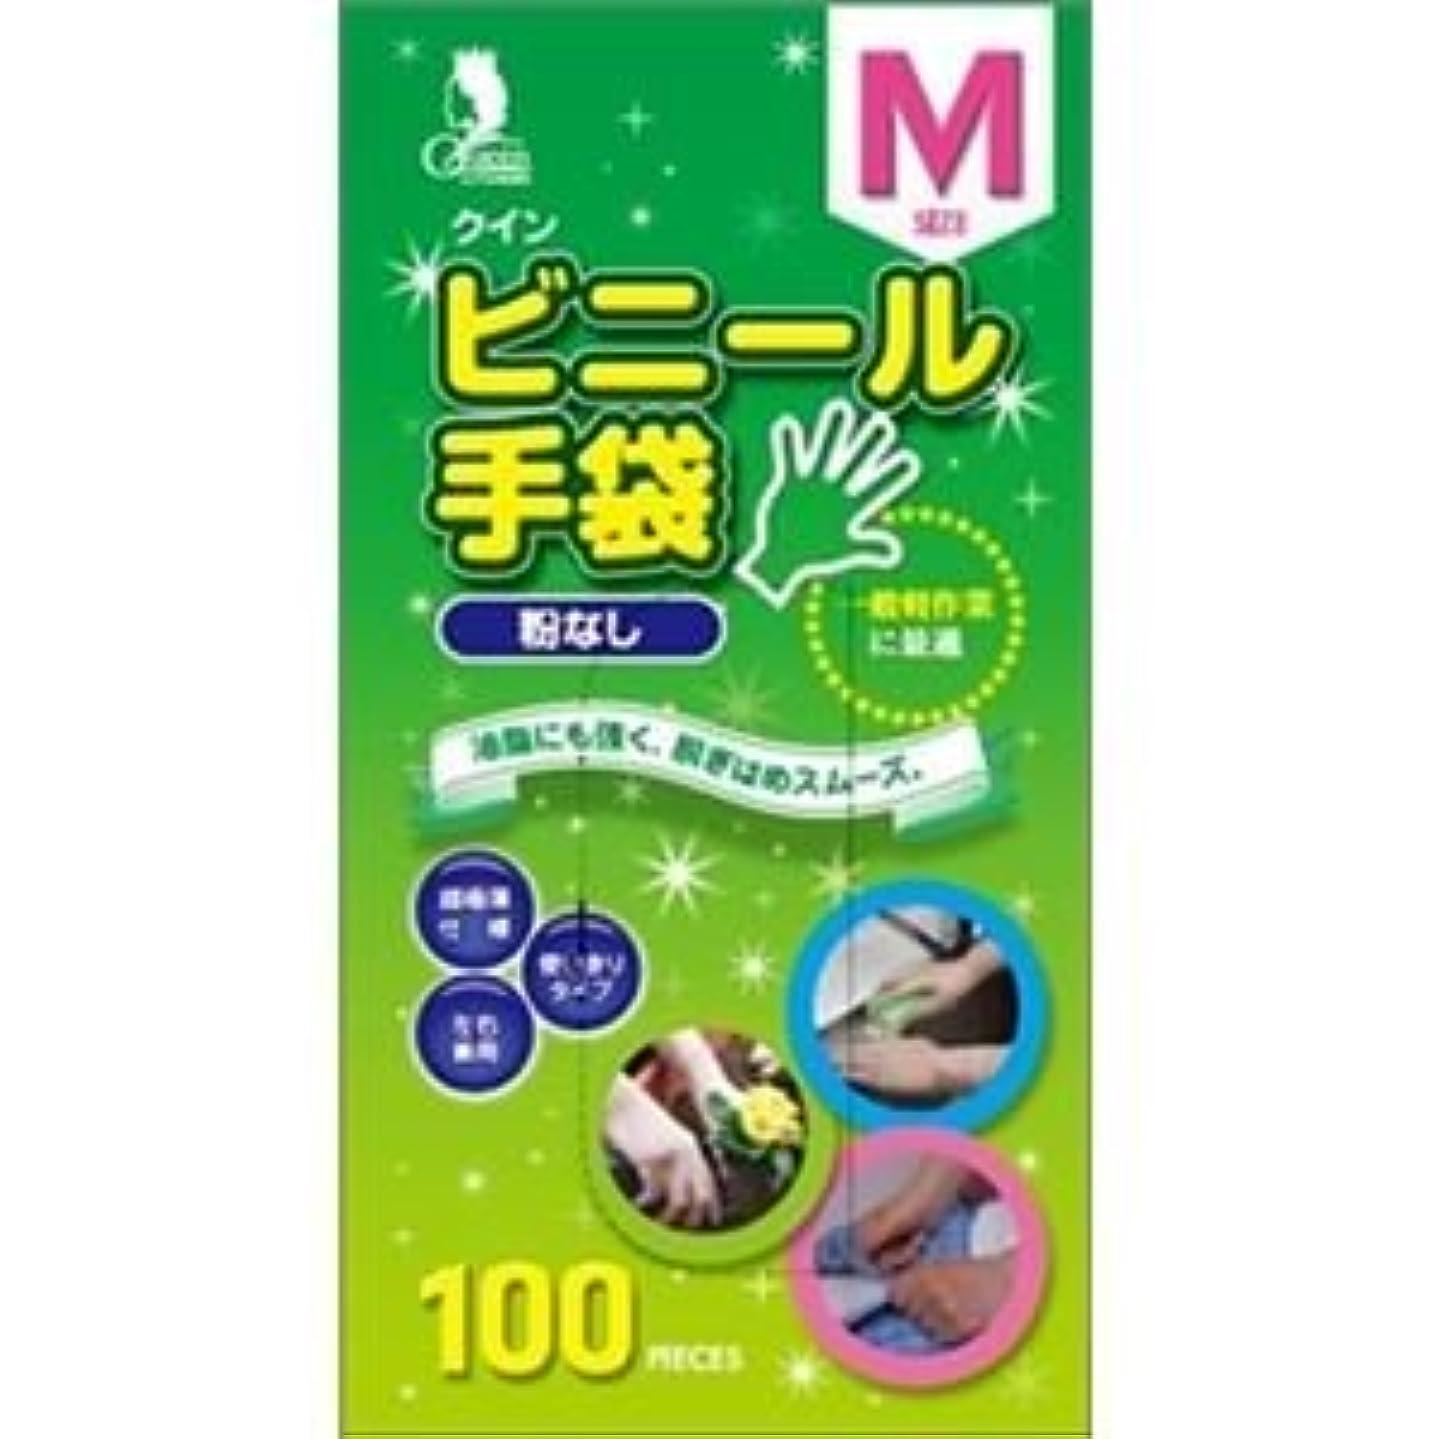 世界的にテザー無知(まとめ)宇都宮製作 クインビニール手袋100枚入 M (N) 【×3点セット】